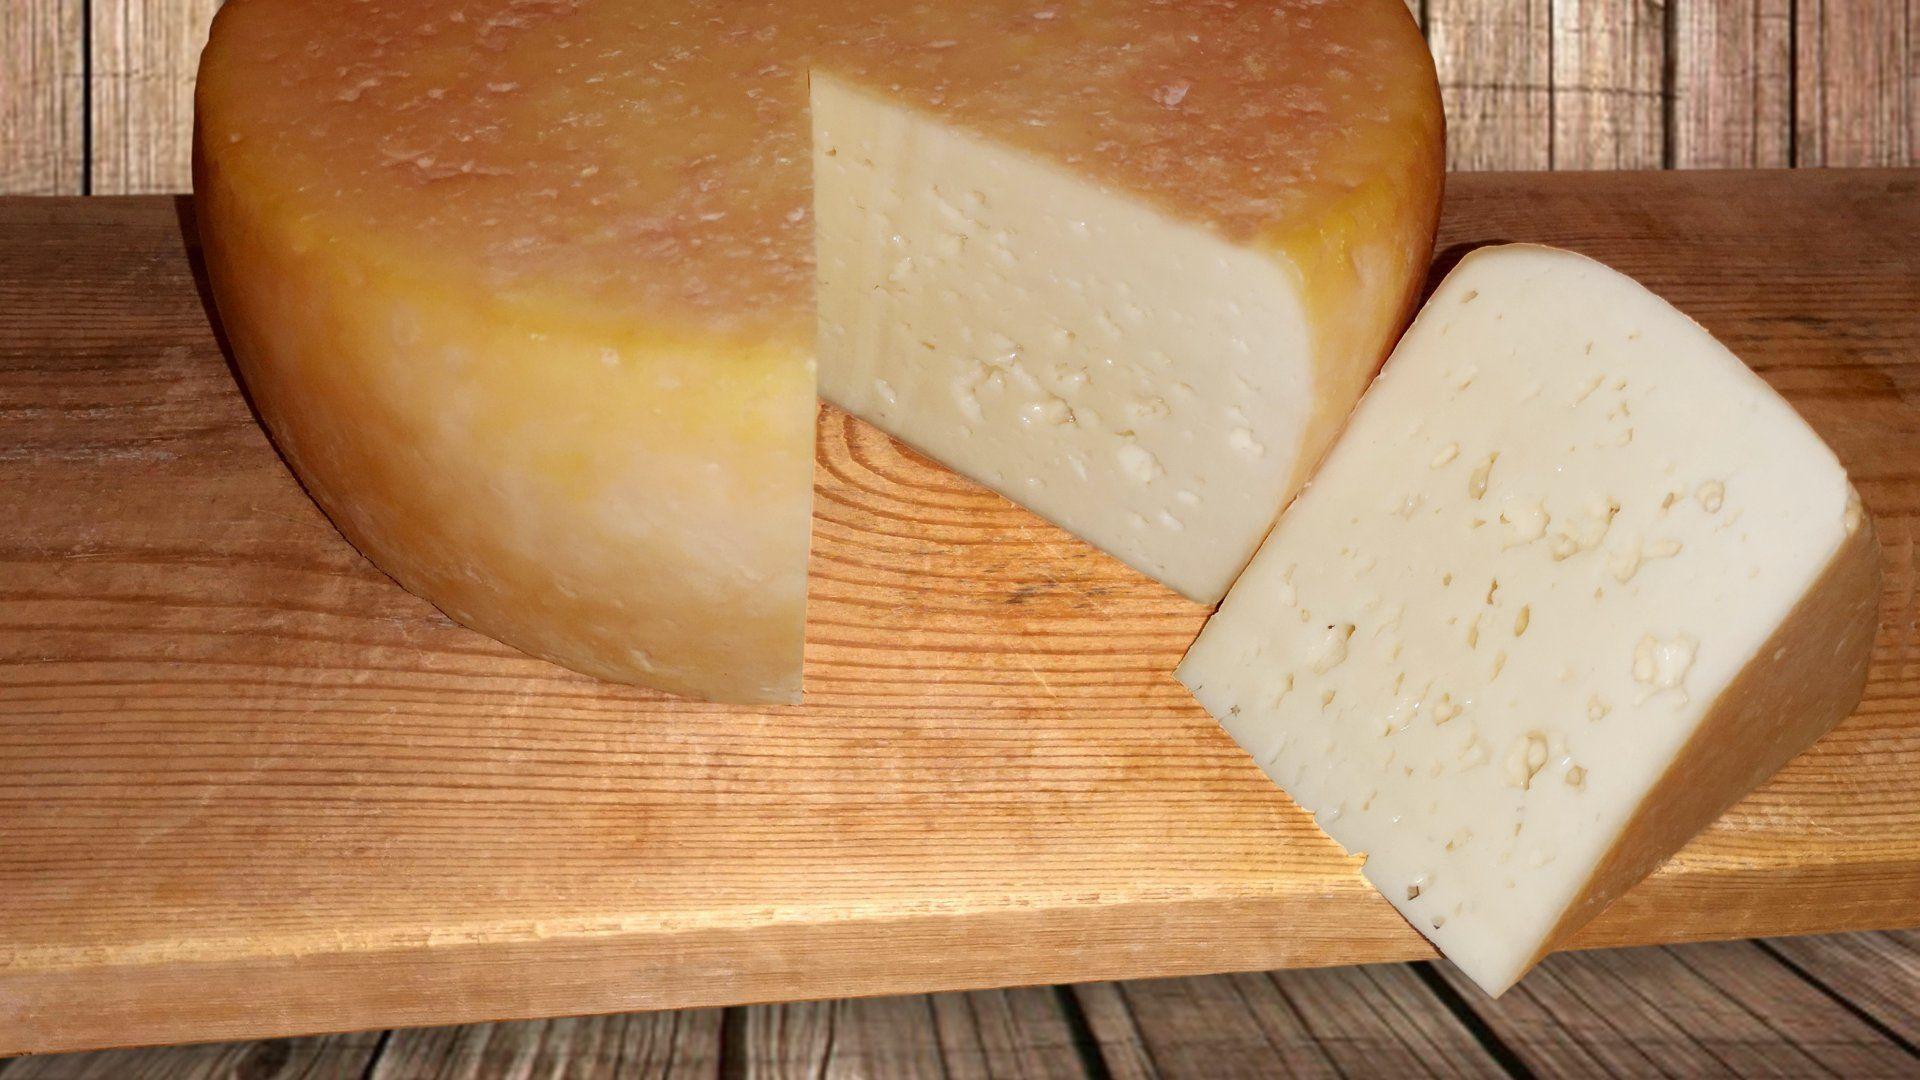 győr-moson sopron megyei csemege sajt uniós oltalom